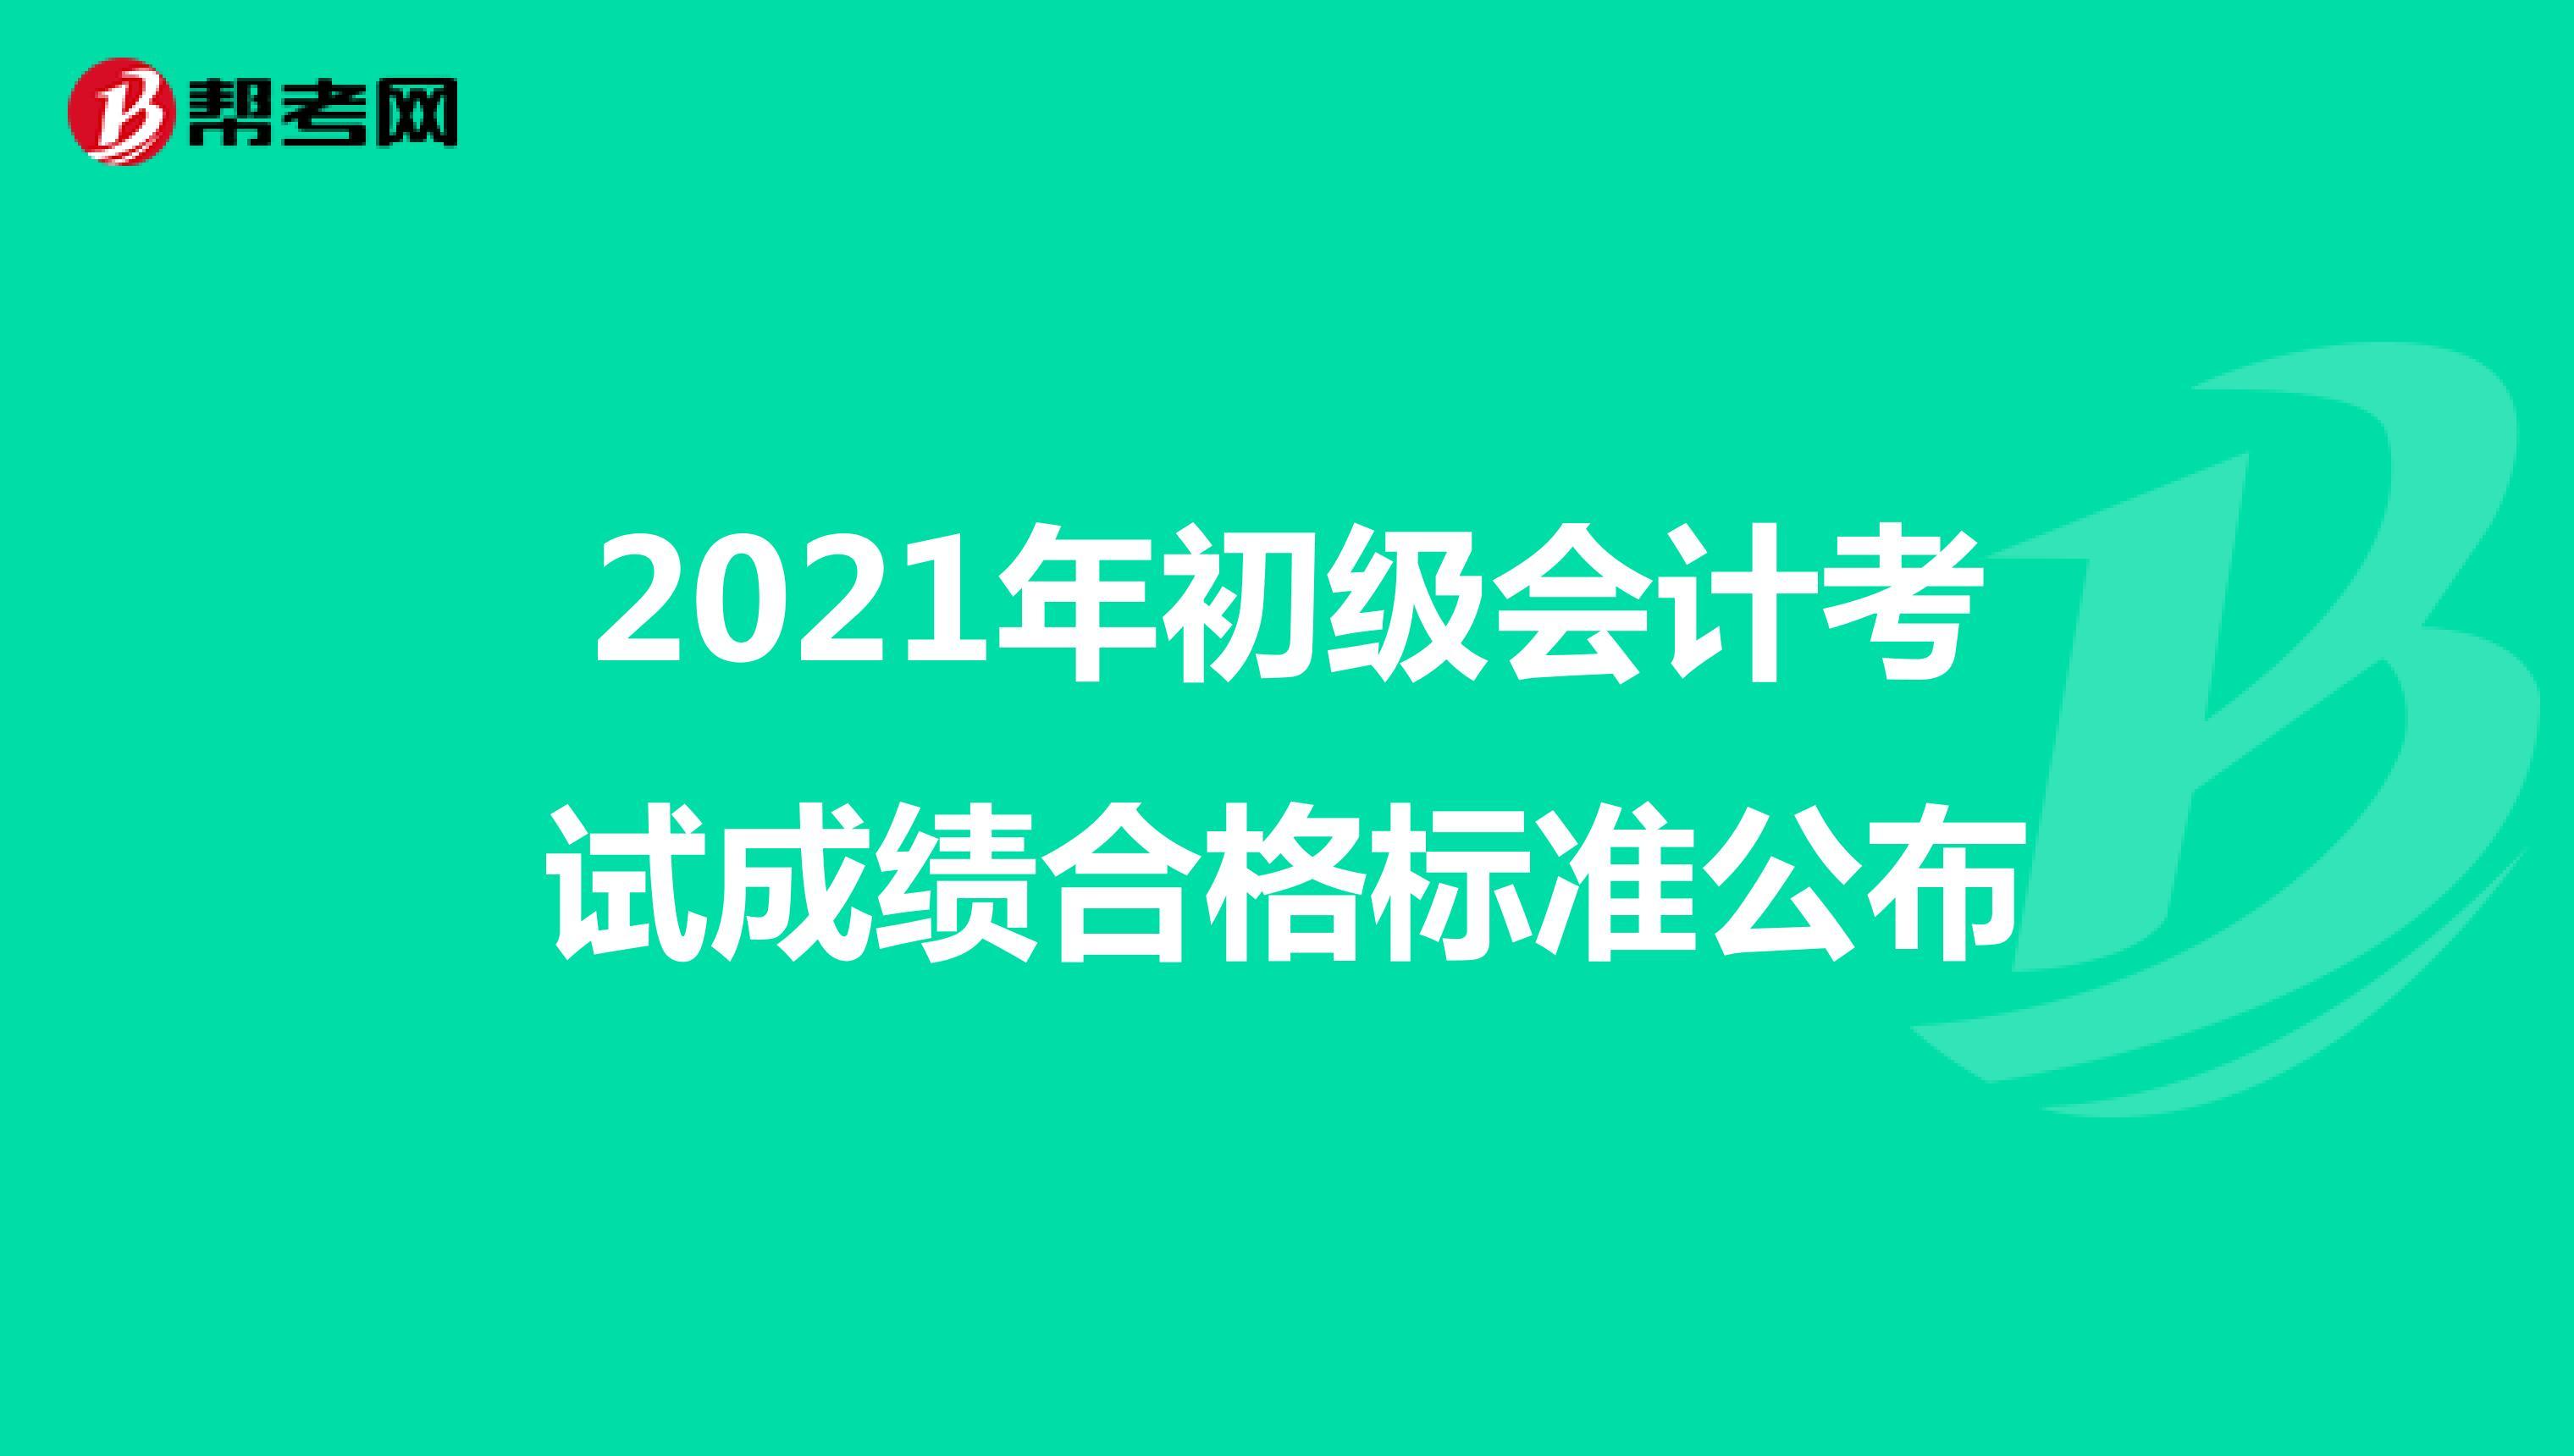 2021年初级会计Beplay官方成绩合格标准公布